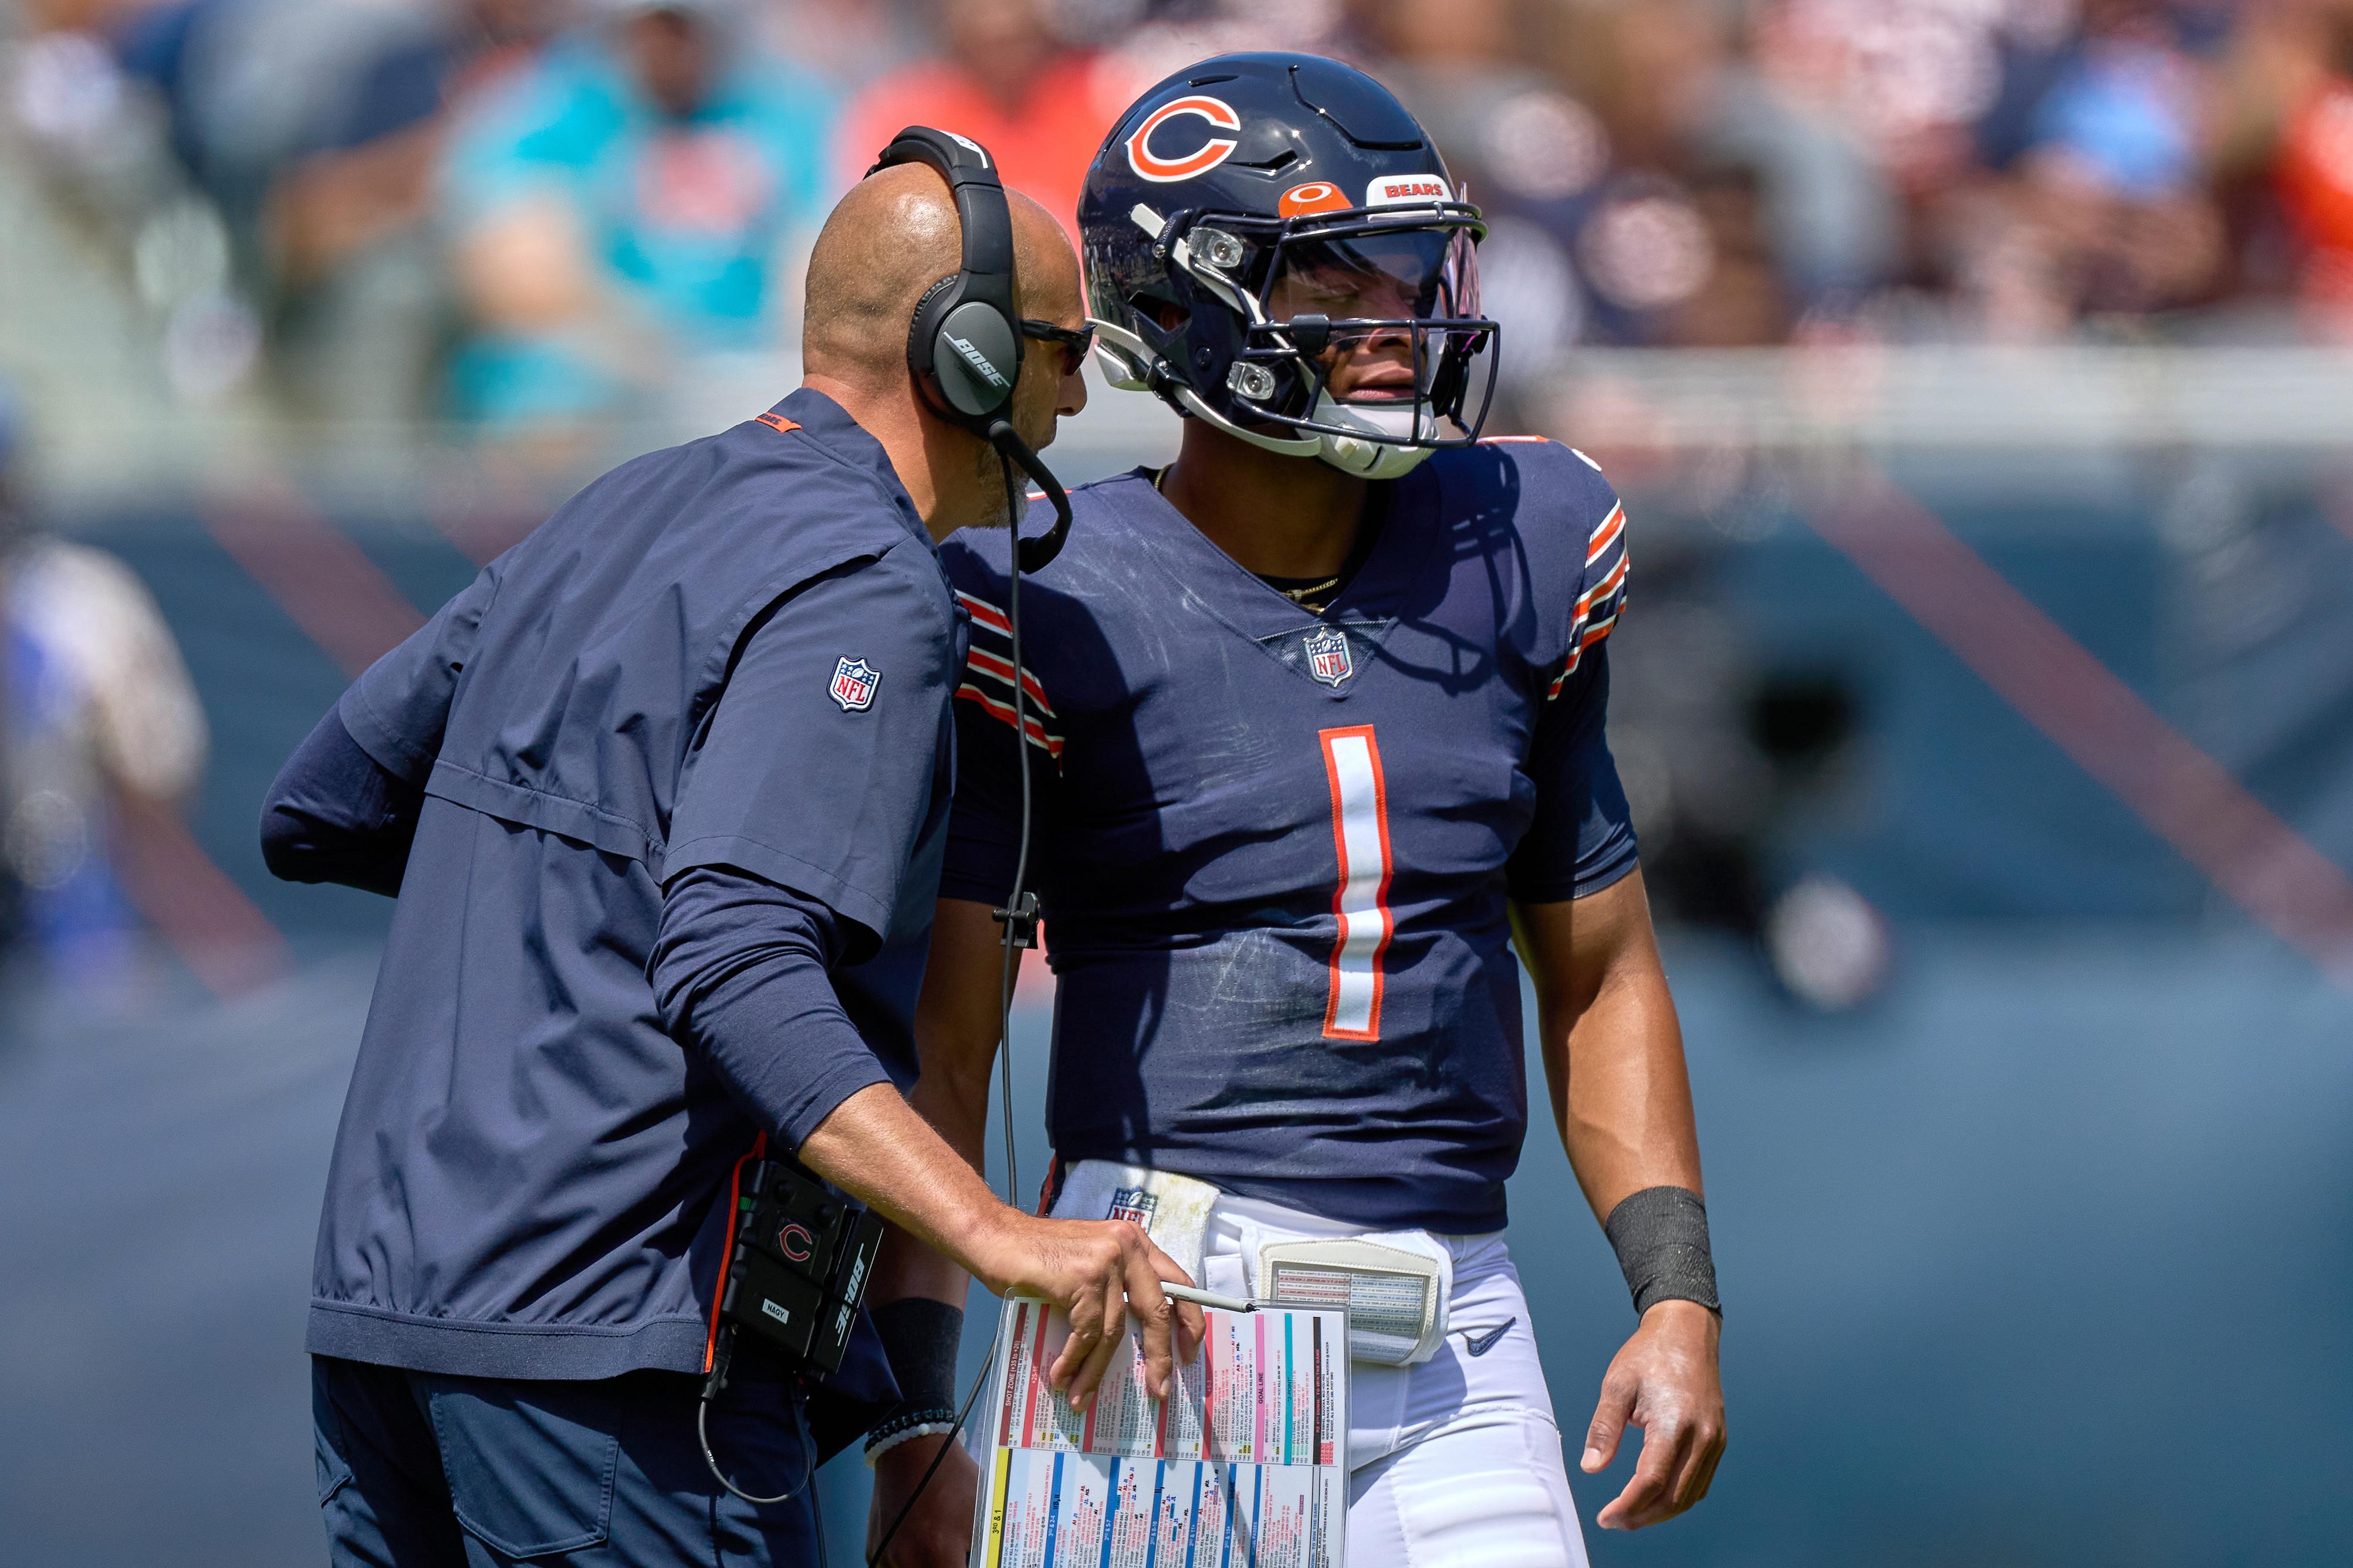 NFL: AUG 14 Preseason - Dolphins at Bears